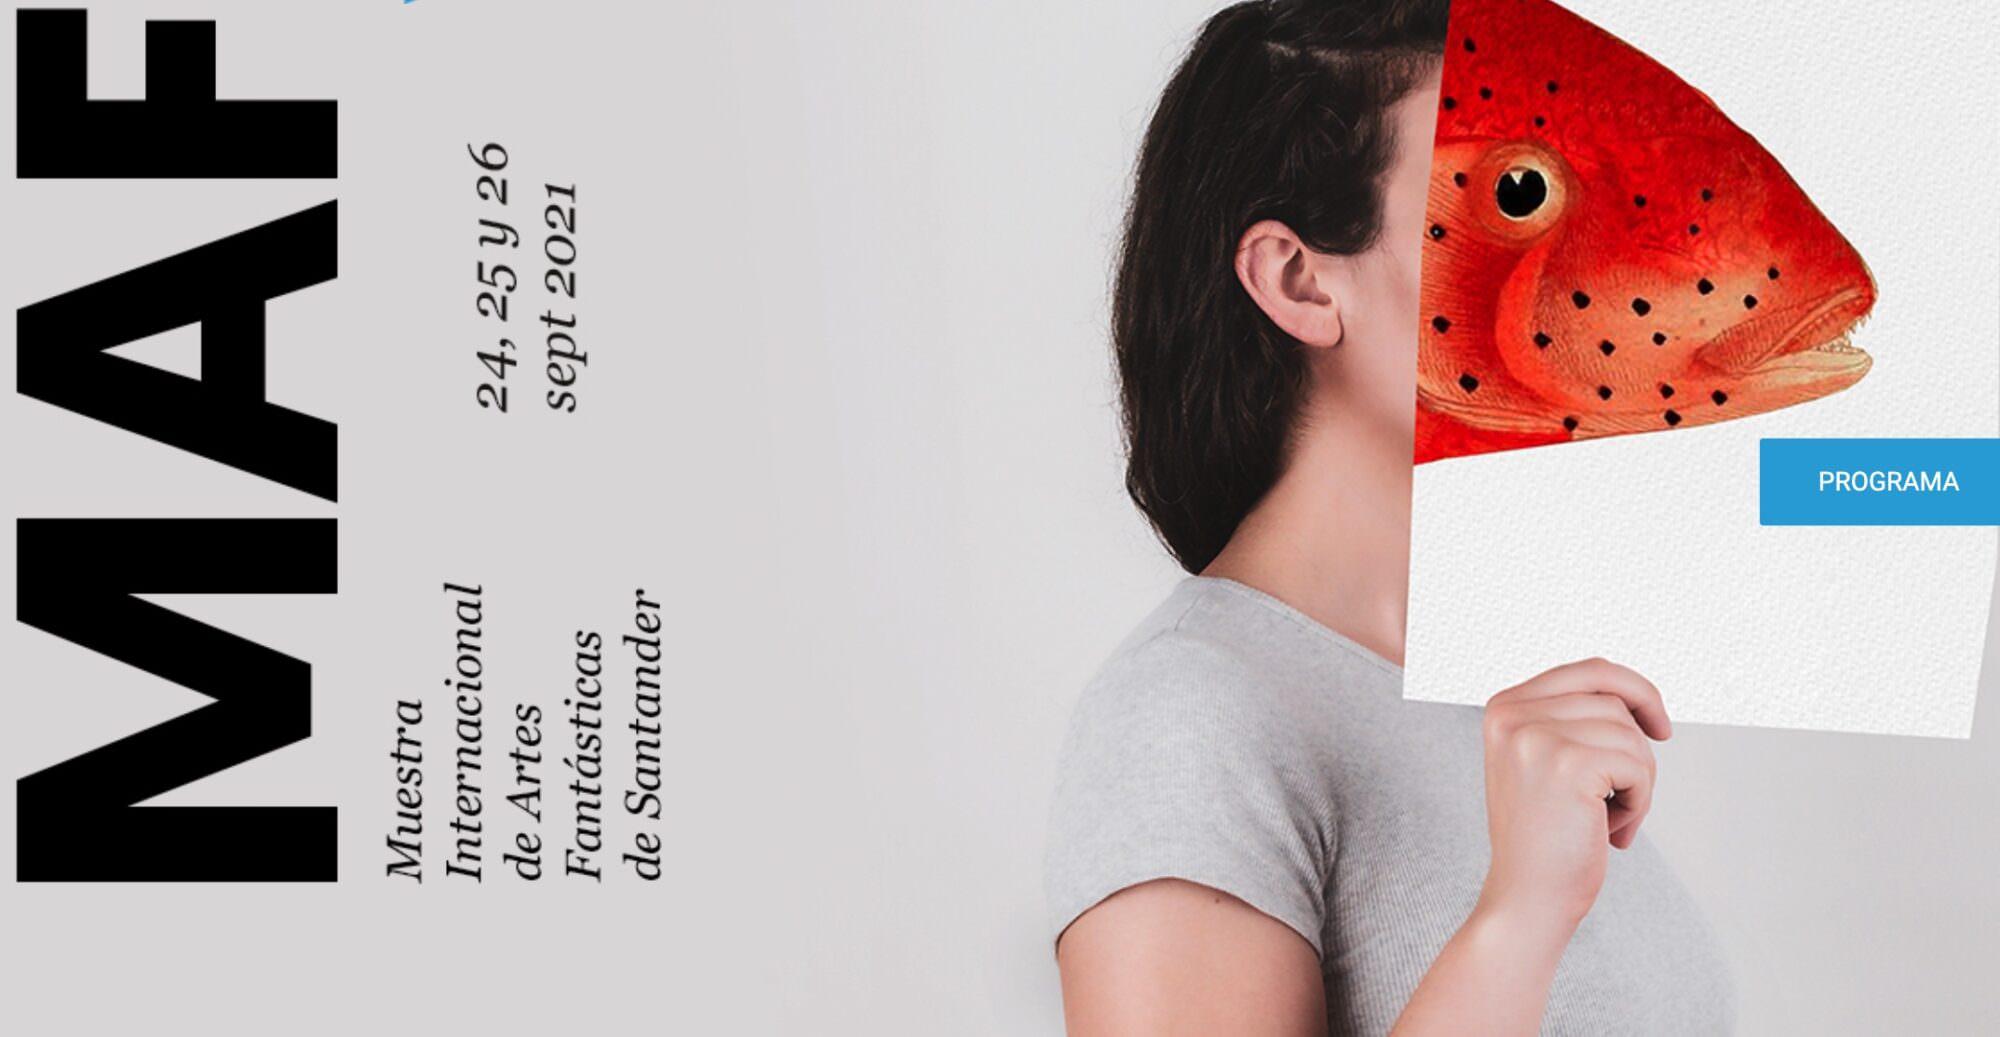 XIII Muestra Internacional de Artes Fantásticas (MAF)